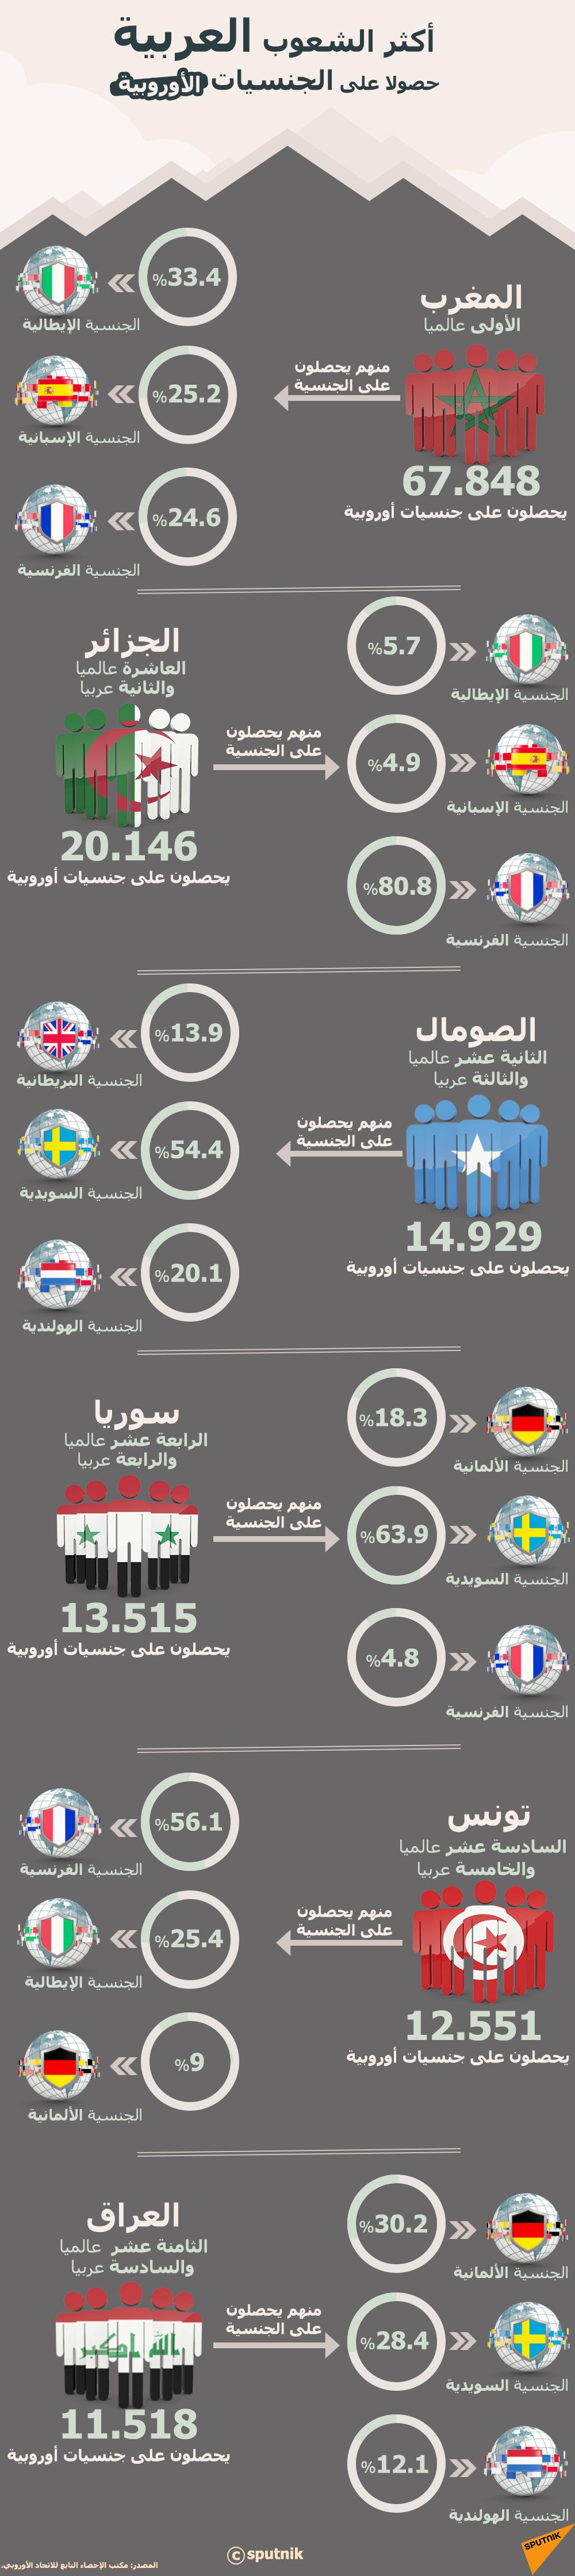 إنفوجرافيك - أكثر الشعوب العربية حصولا على الجنسيات الأوروبية